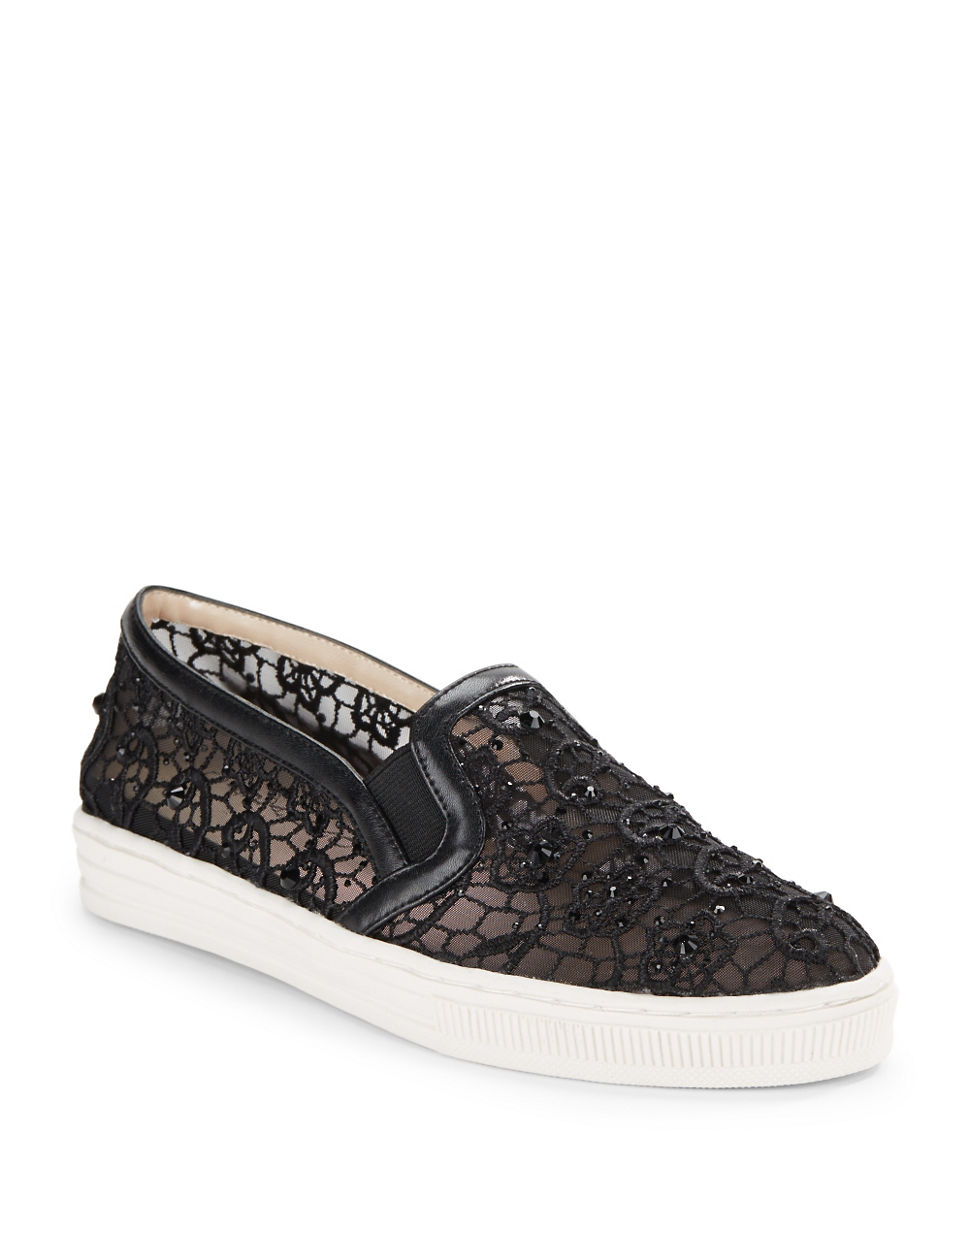 Caparros Shoes Black